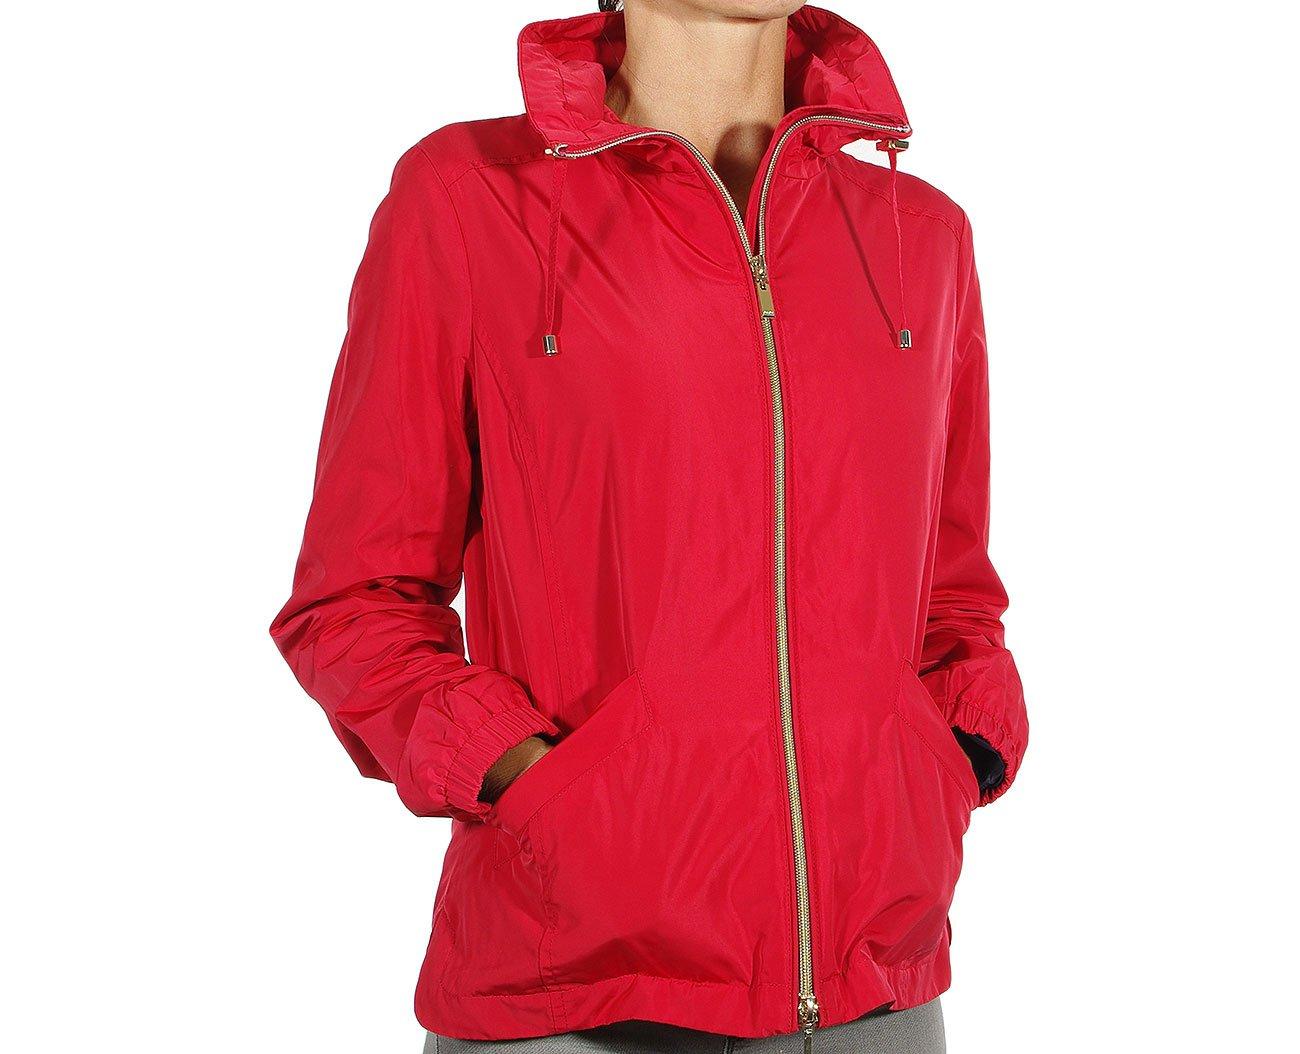 GEOX w8220x kurtka woman jacket crimson red